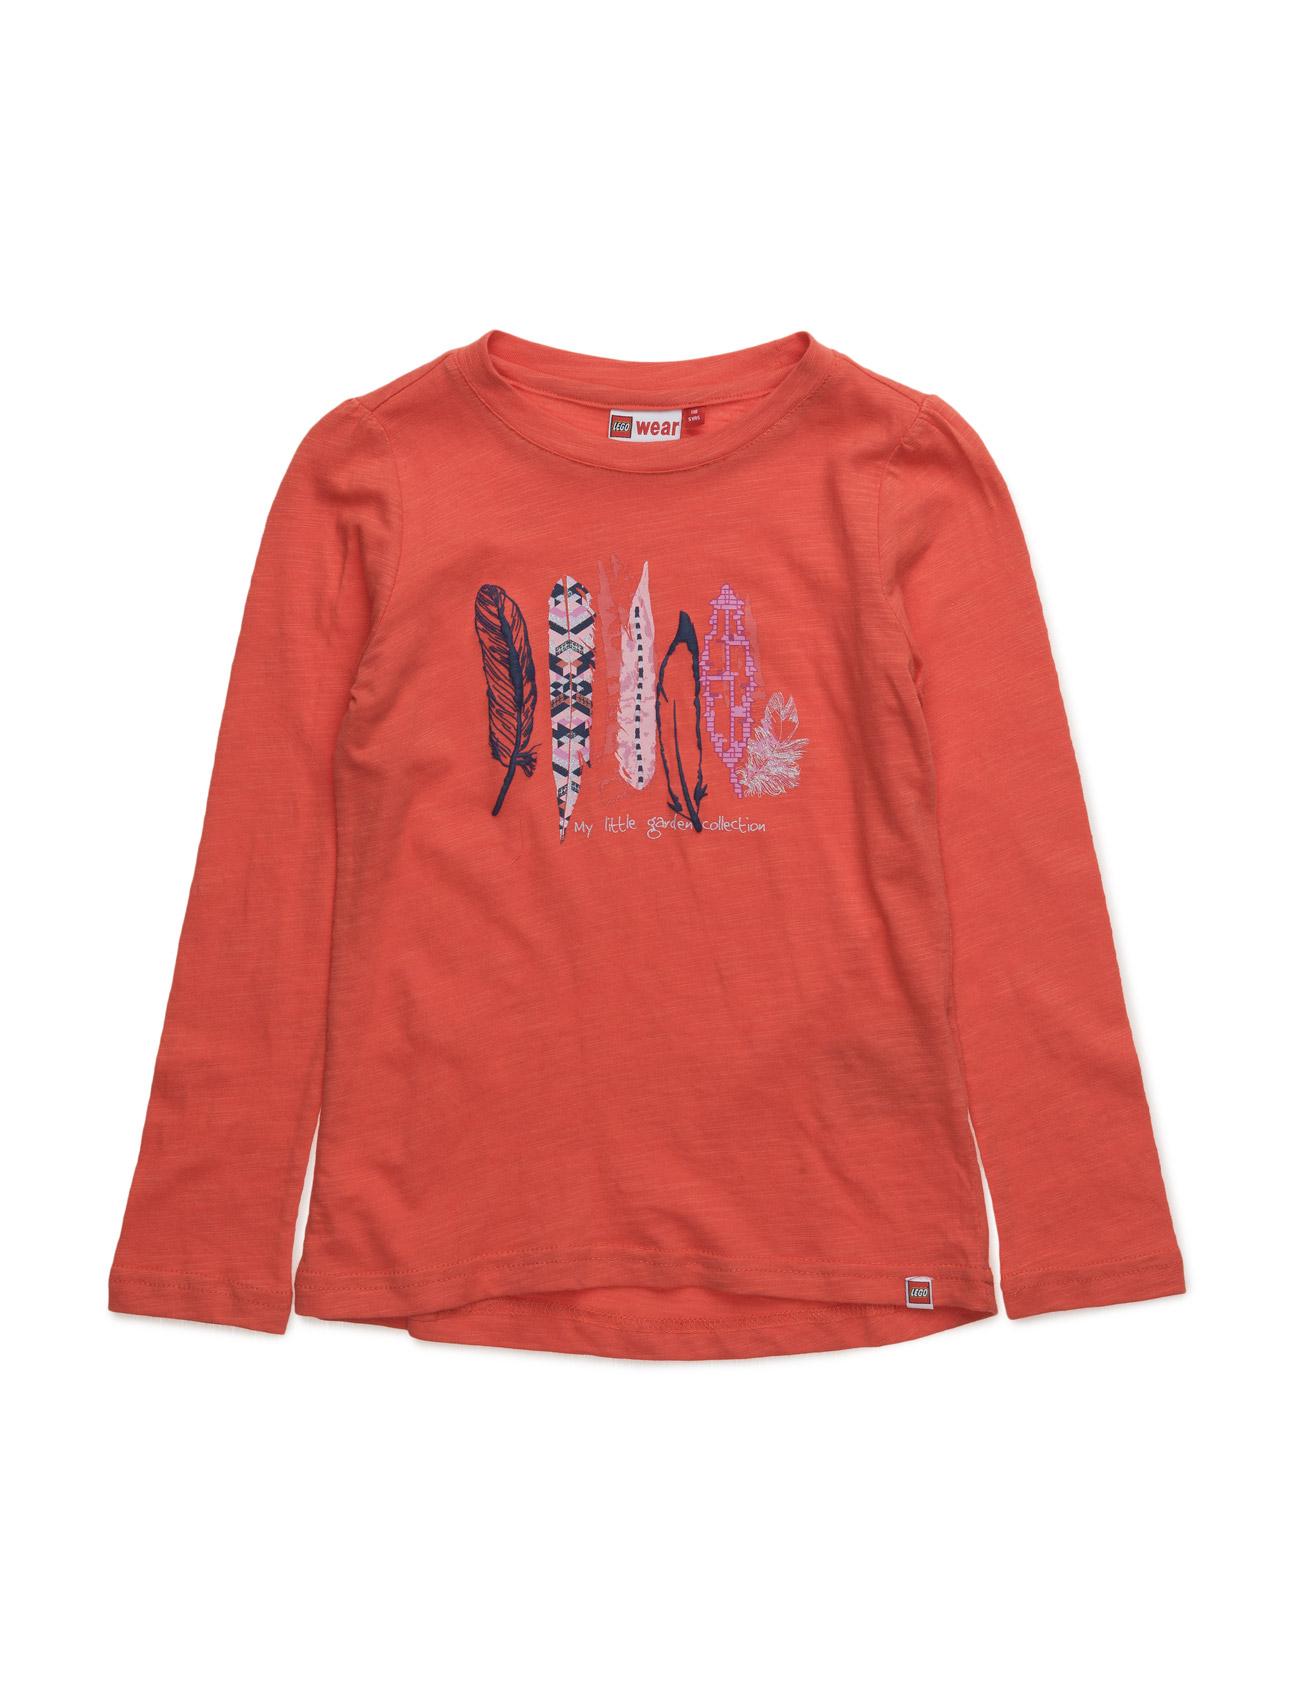 Tamara 207 - T-Shirt L/S Lego wear Langærmede t-shirts til Børn i orange